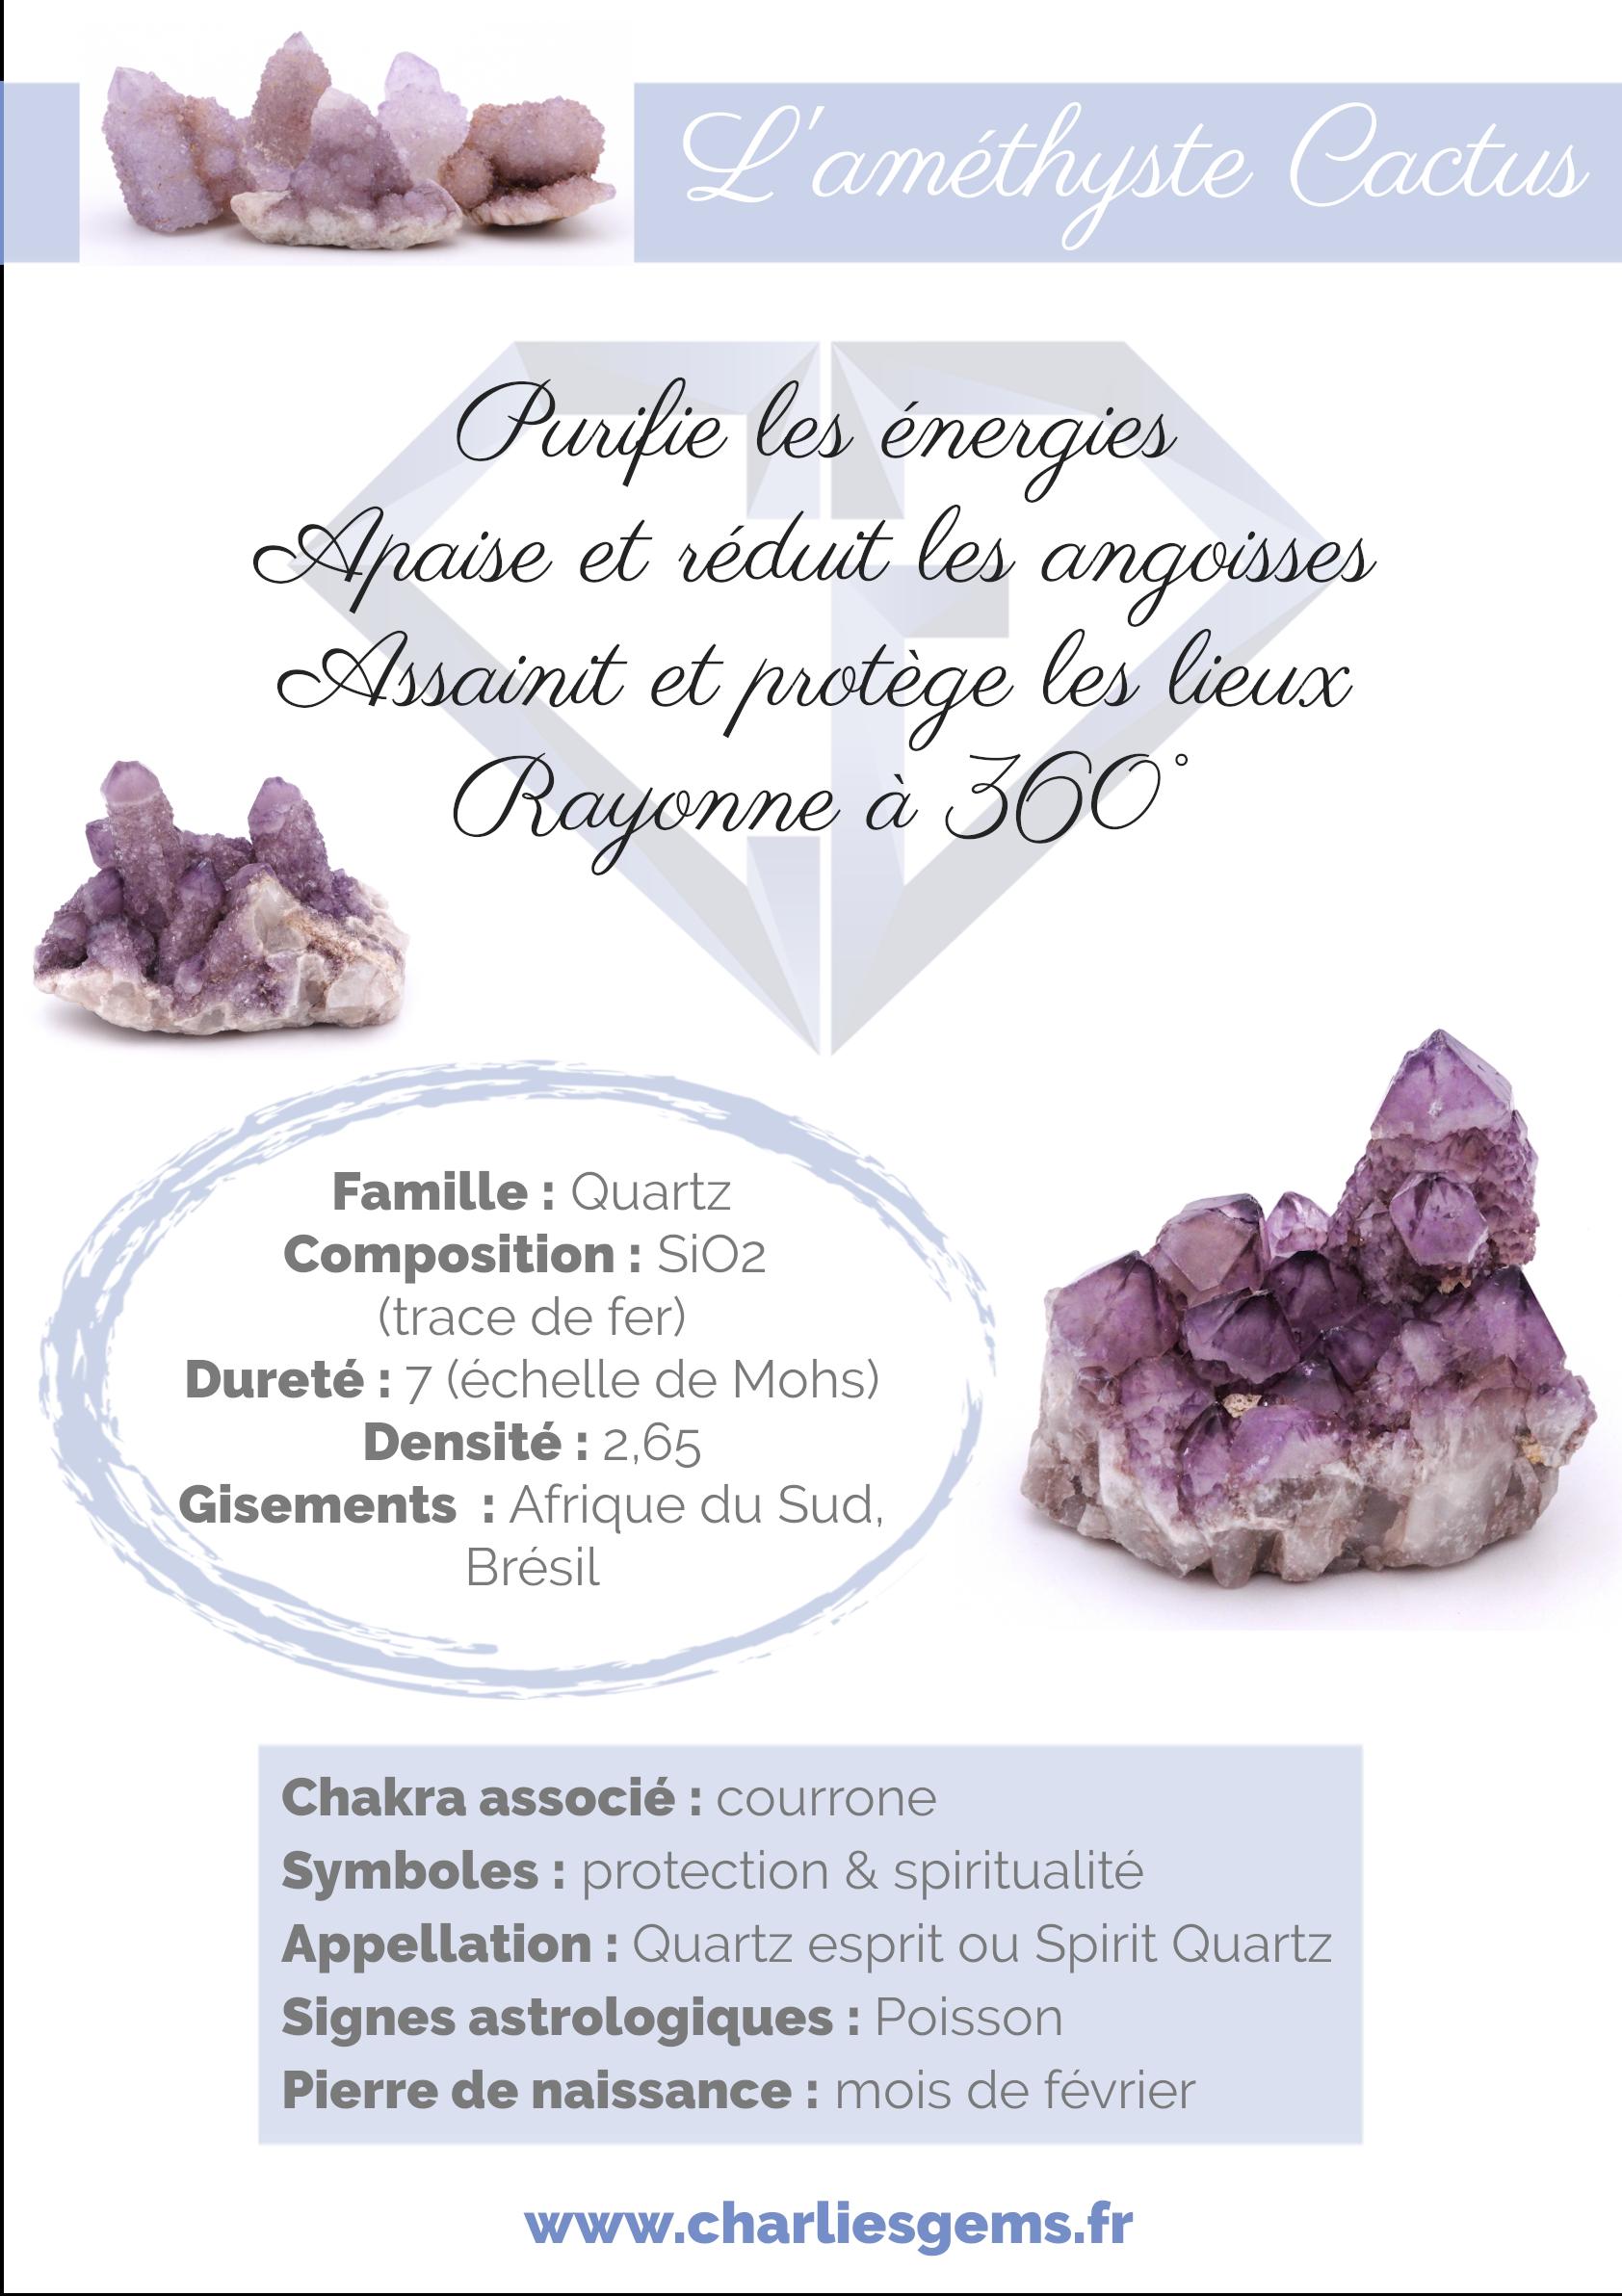 Fiche de présentation de l'Améthyste Cactus (description, lithothérapie, propriétés) - Par Charlie's Gems